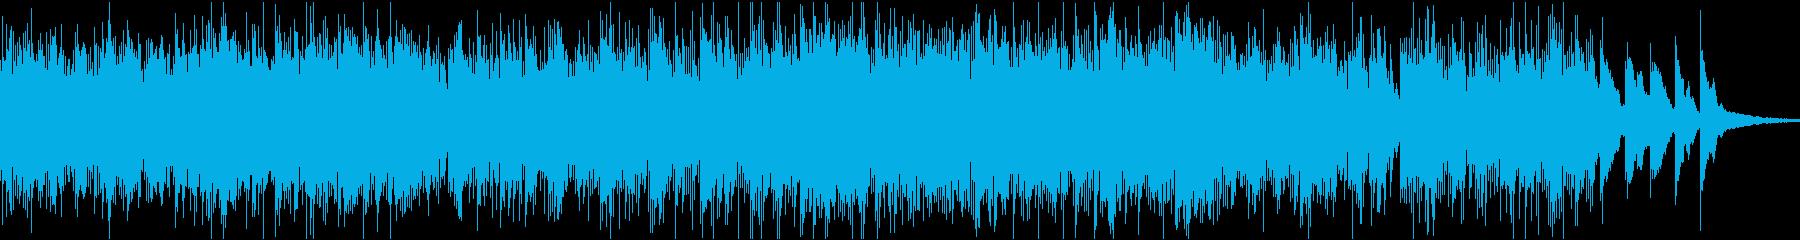 室内楽 アンビエント 民謡 コーポ...の再生済みの波形